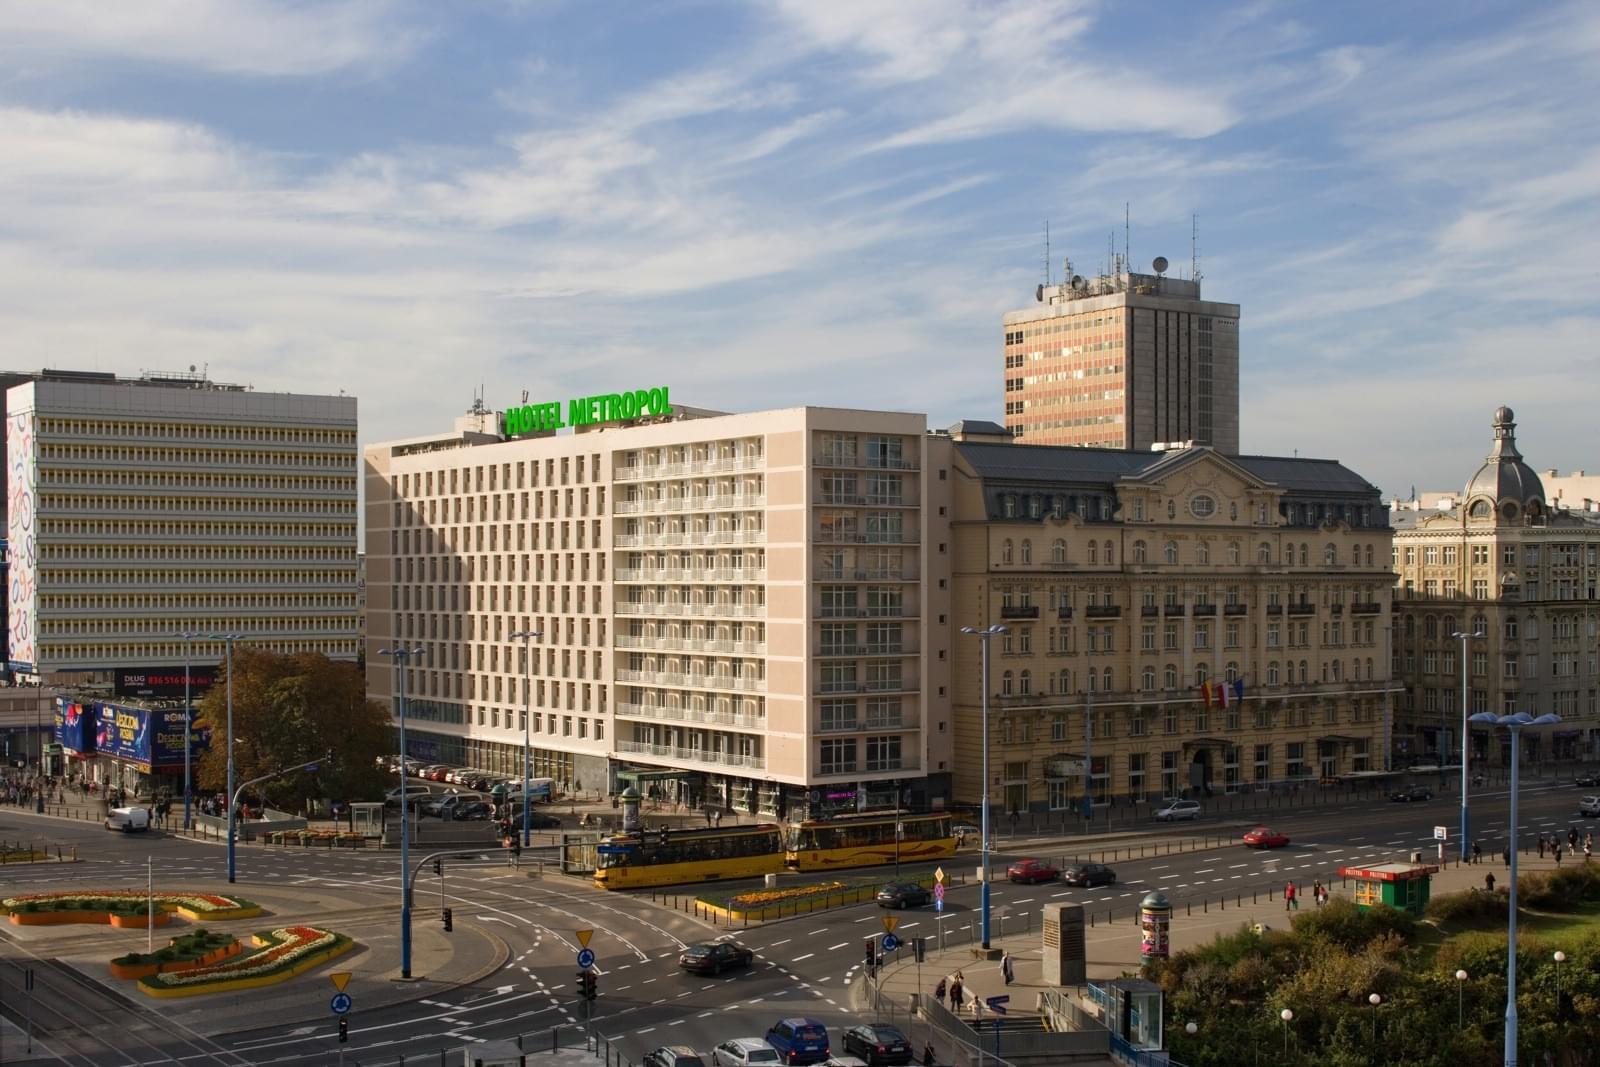 Hotel Metropol Warszawa